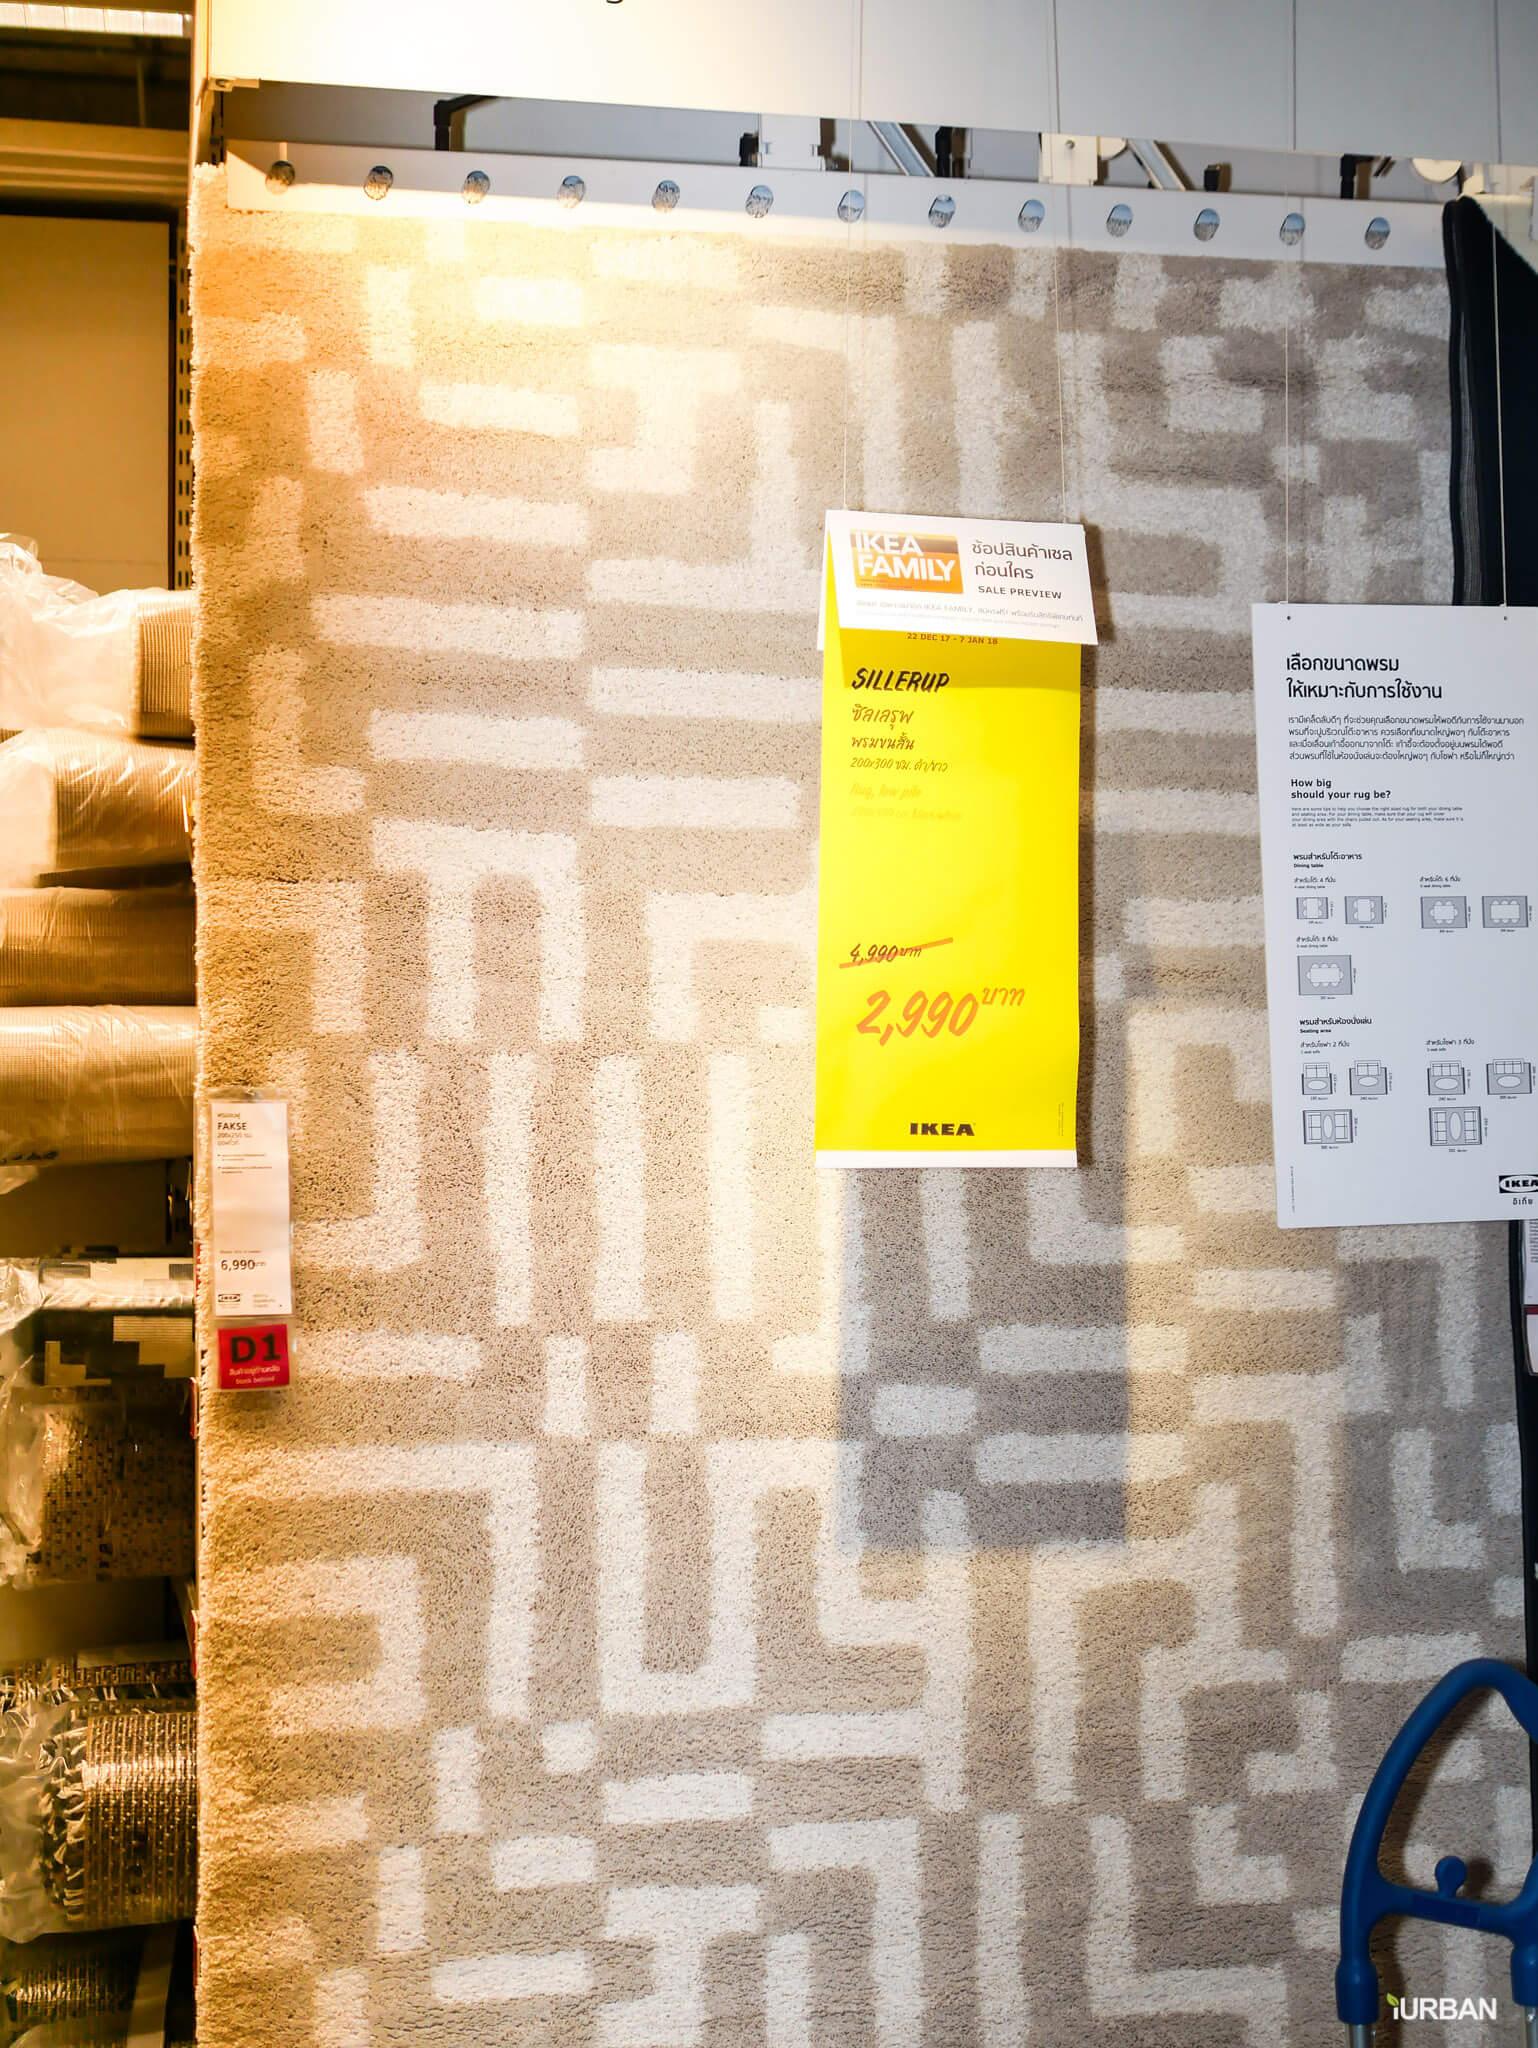 มันเยอะมากกกก!! IKEA Year End SALE 2017 รวมของเซลในอิเกีย ลดเยอะ ลดแหลก รีบพุ่งตัวไป วันนี้ - 7 มกราคม 61 159 - IKEA (อิเกีย)